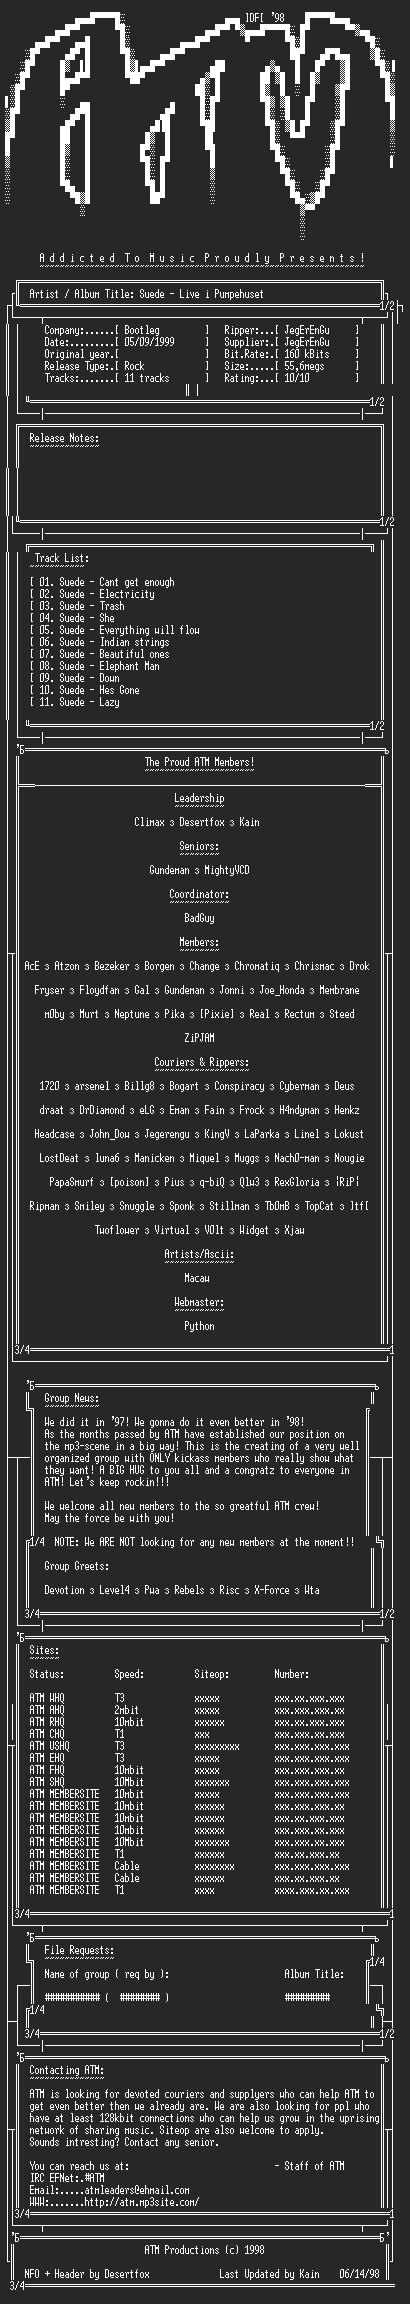 NFO file for Suede_-_Live_i_Pumpehuset_-_(1999)_-_ATM